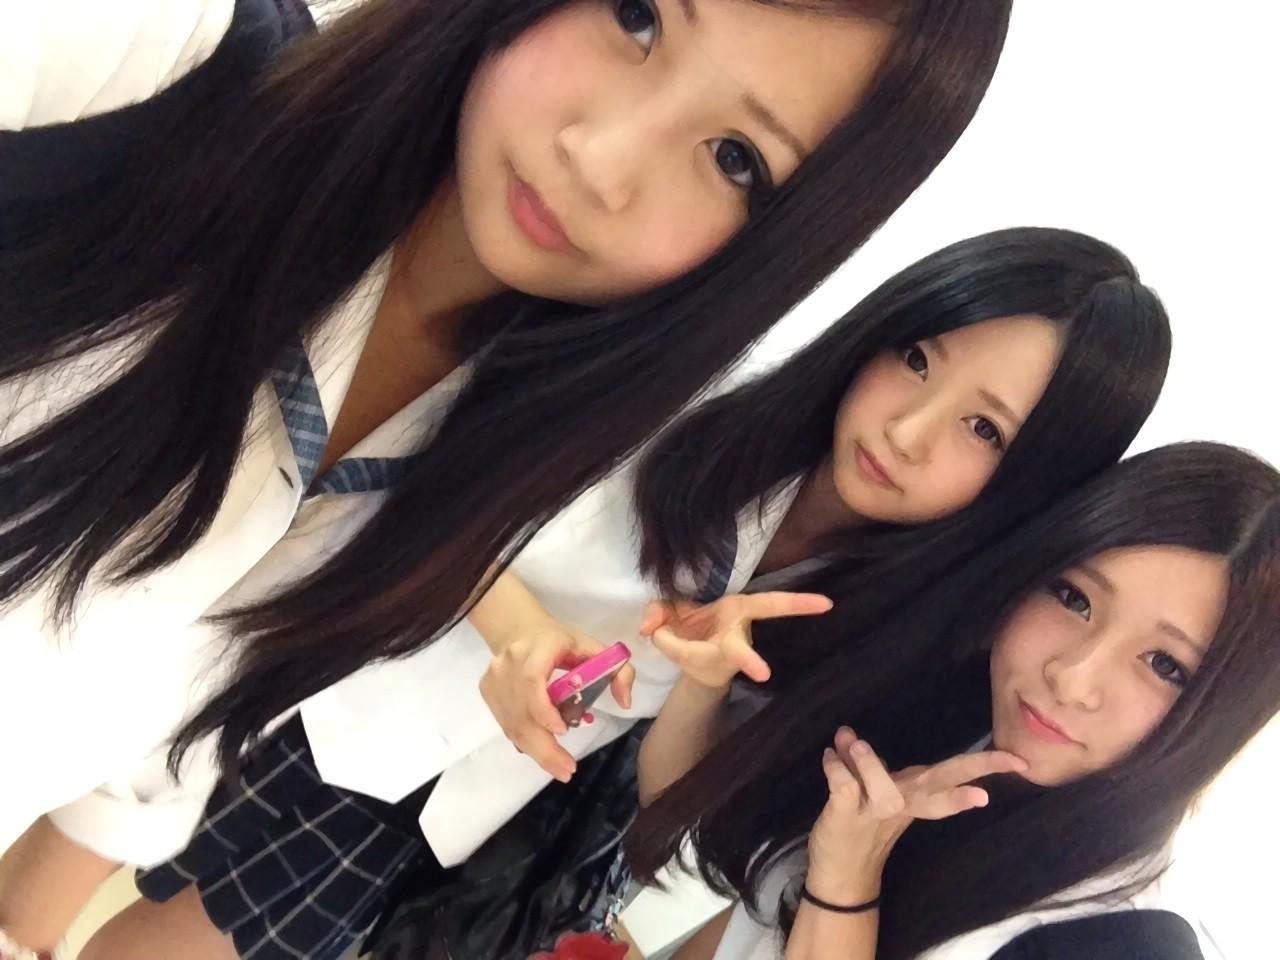 【画像】女子高生の自撮り画像に萌え萌えwwww